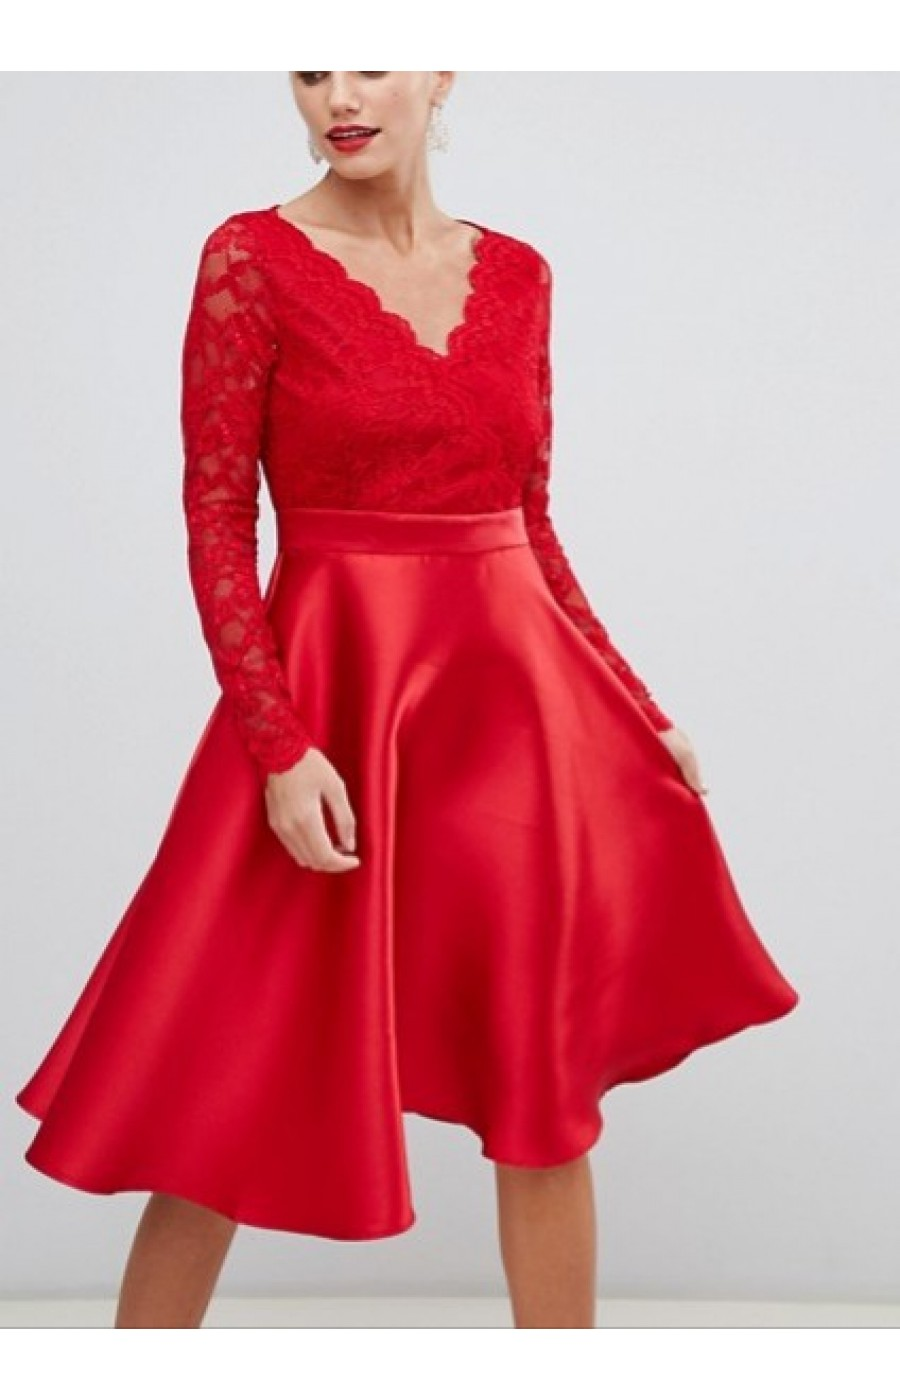 Σατέν κόκκινο φόρεμα με δαντέλα στο επάνω μέρος